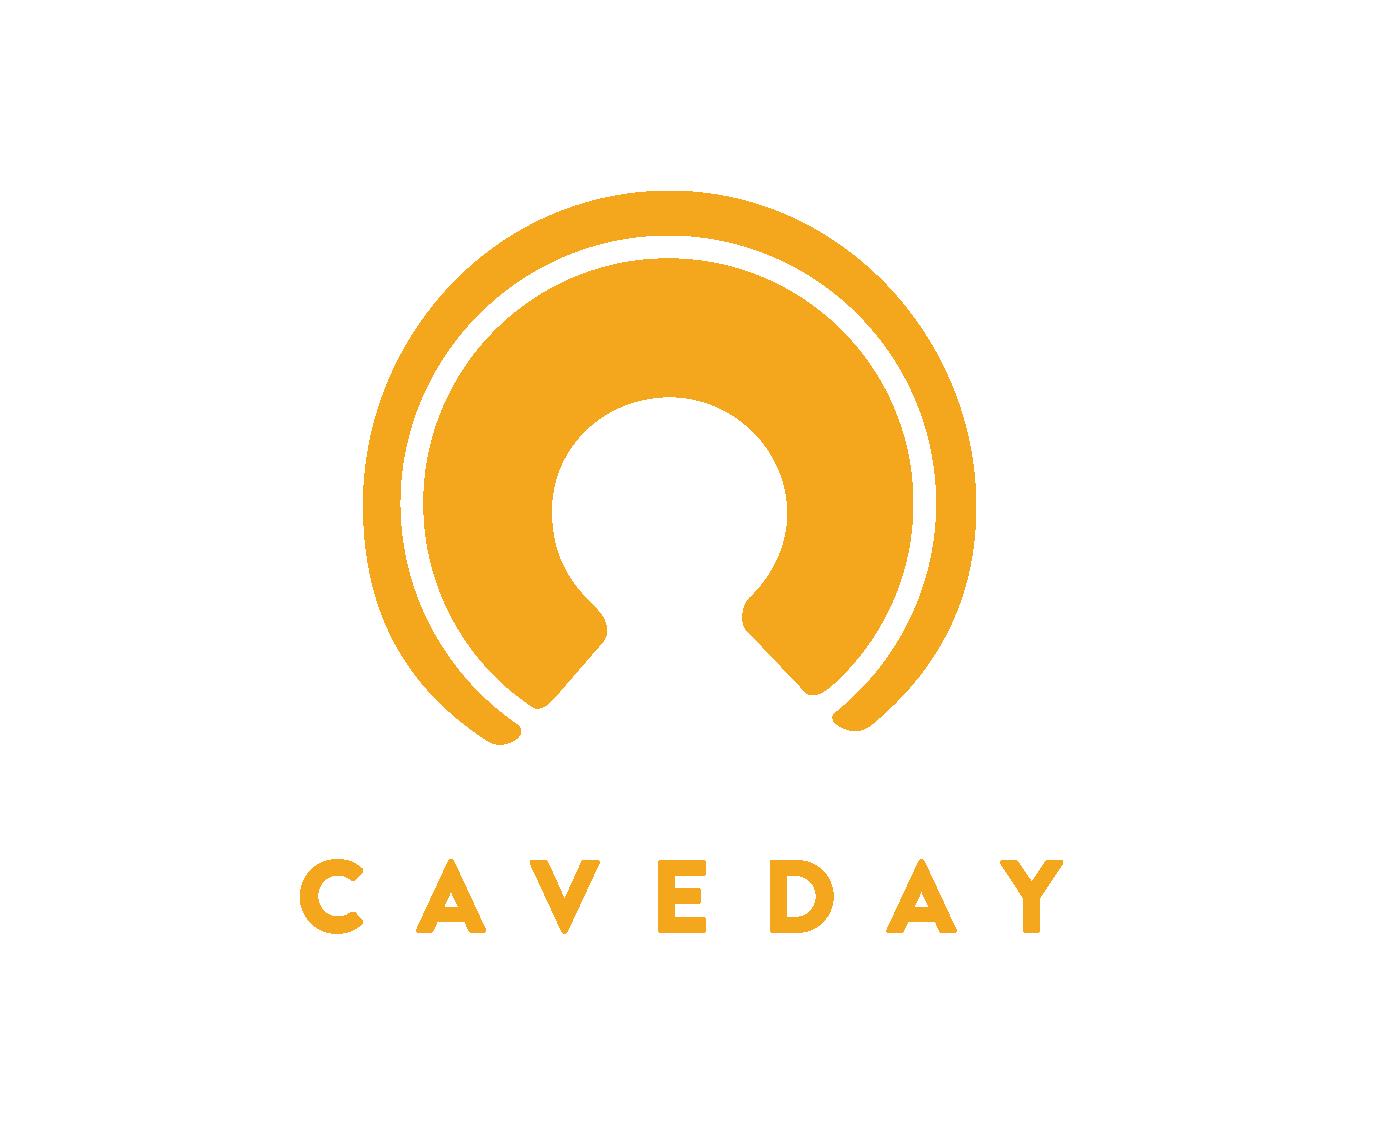 Caveday_Gold_Vert.png